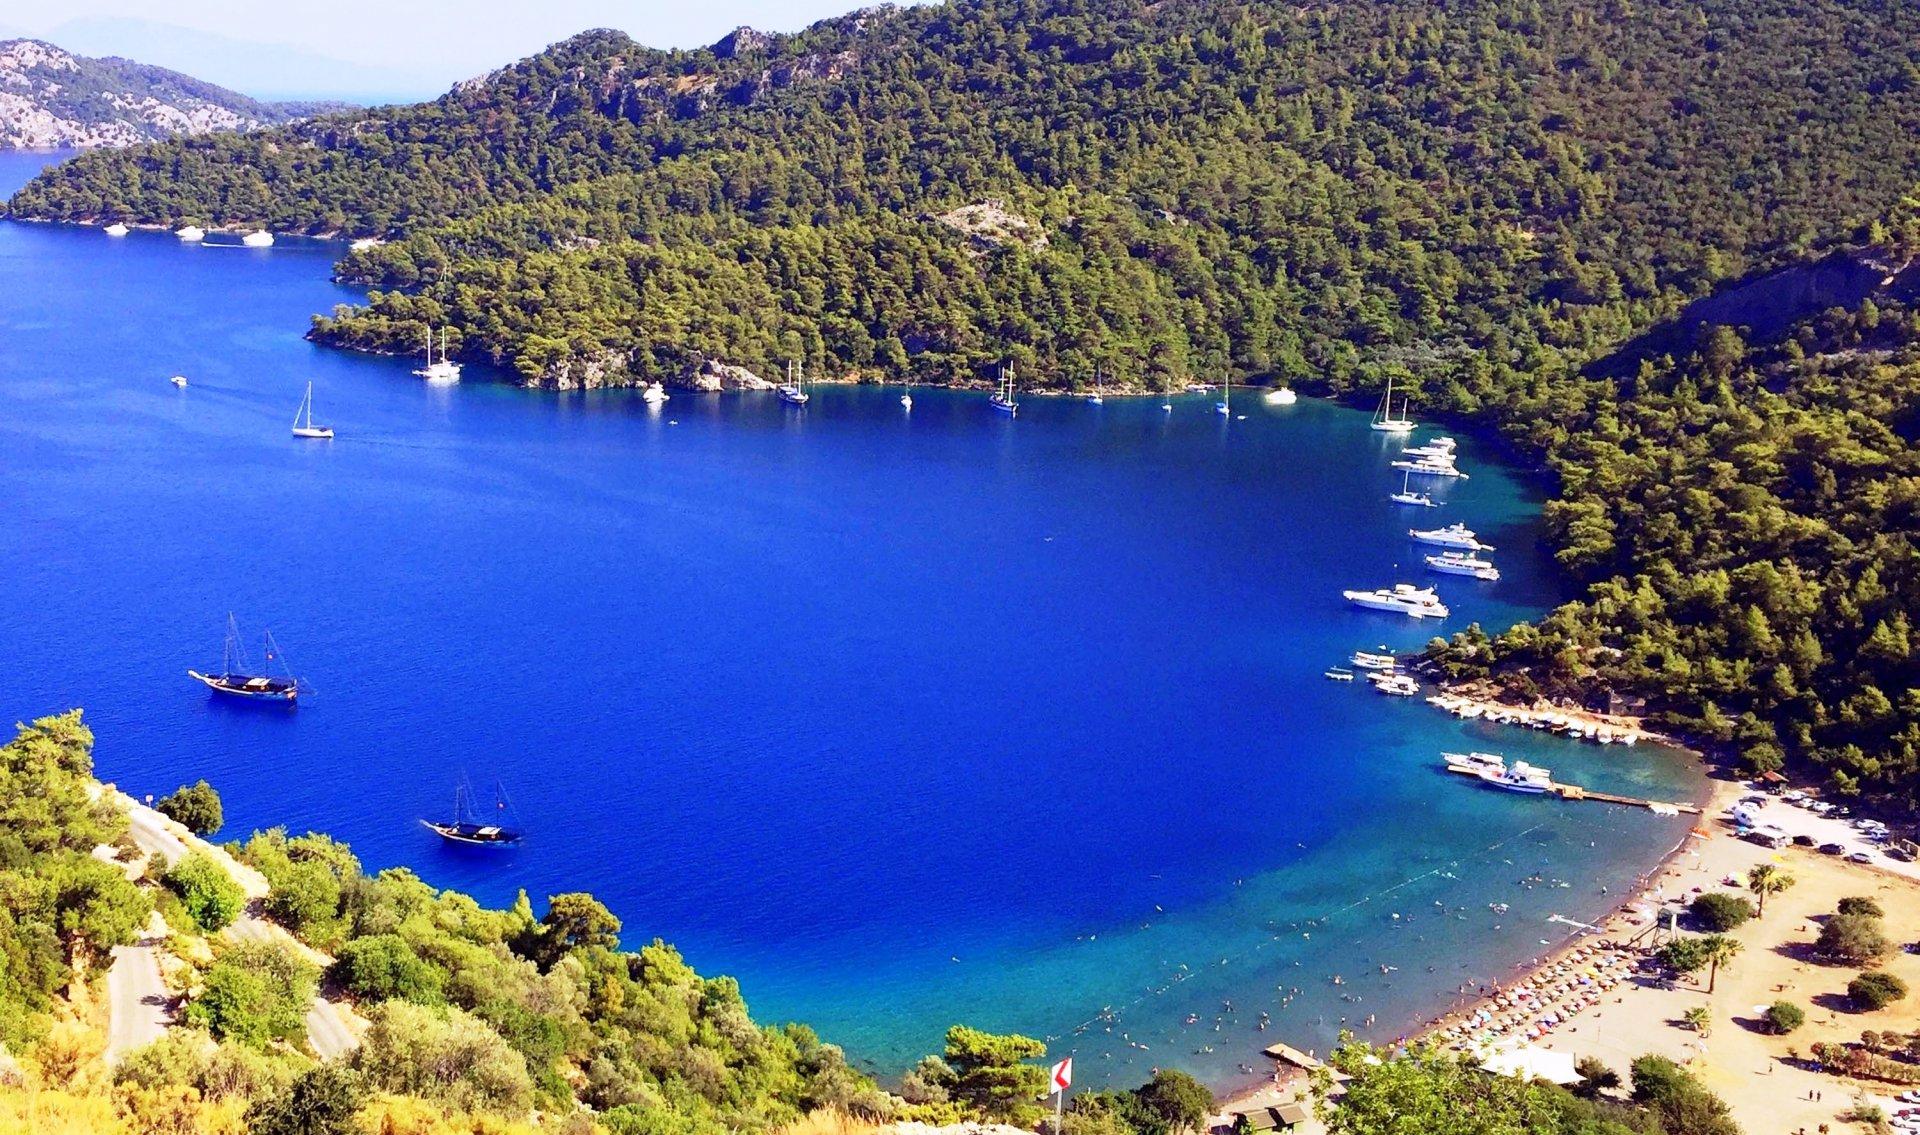 افضل اماكن سياحية في تركيا